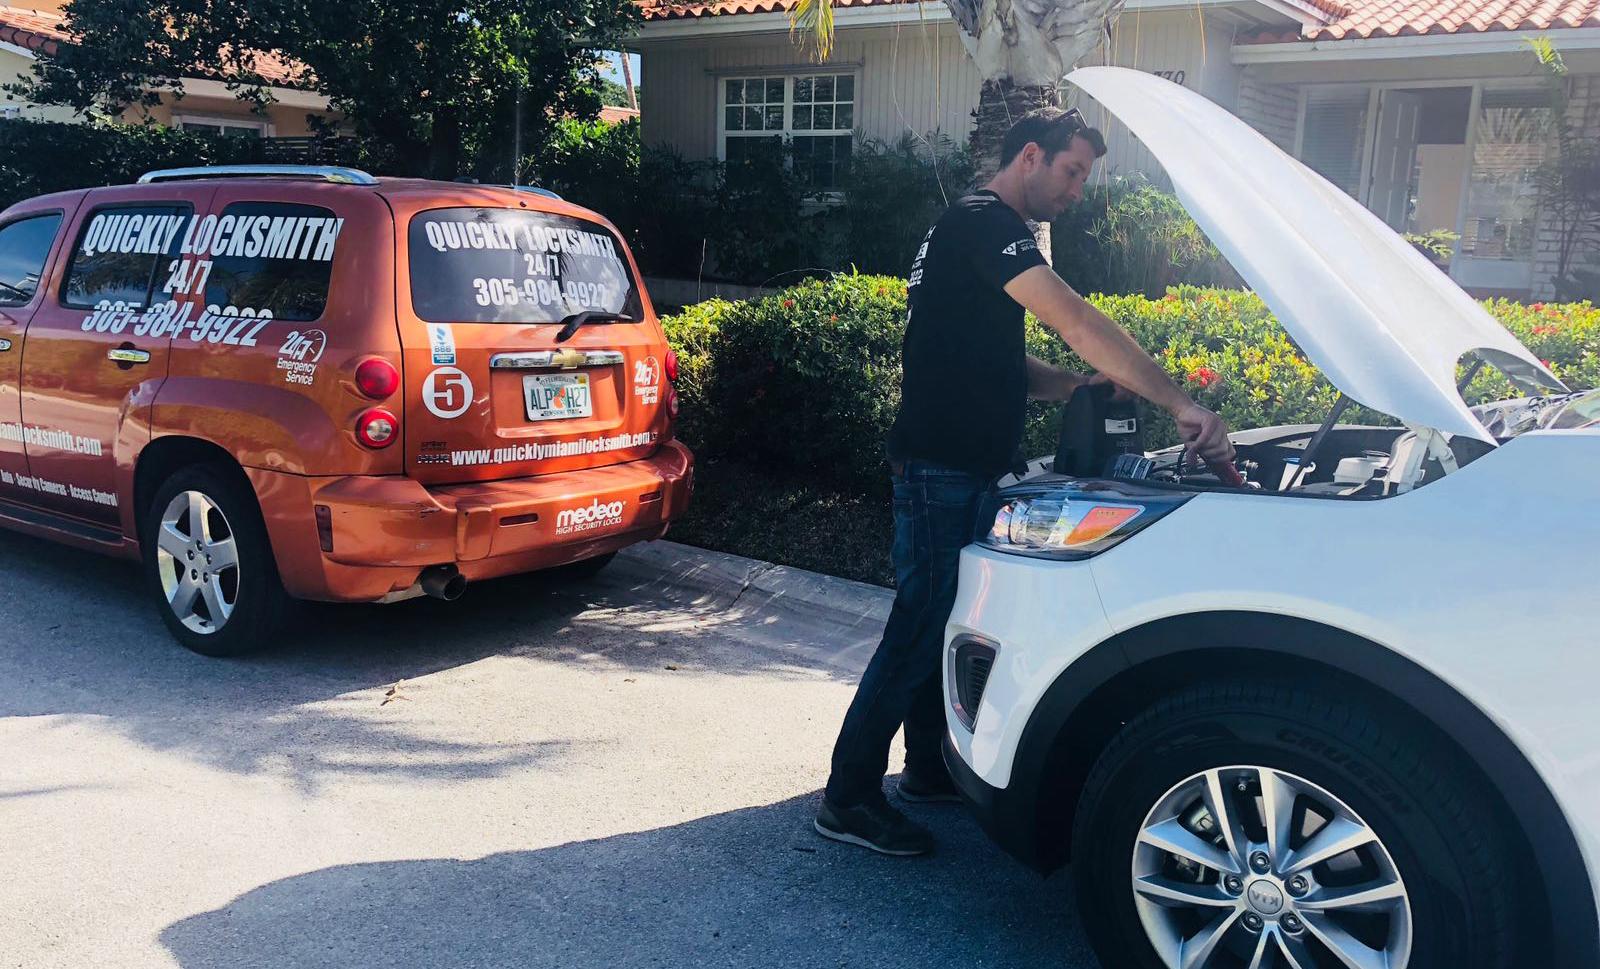 Quickly Locksmith Miami - roadside assistance services in Miami